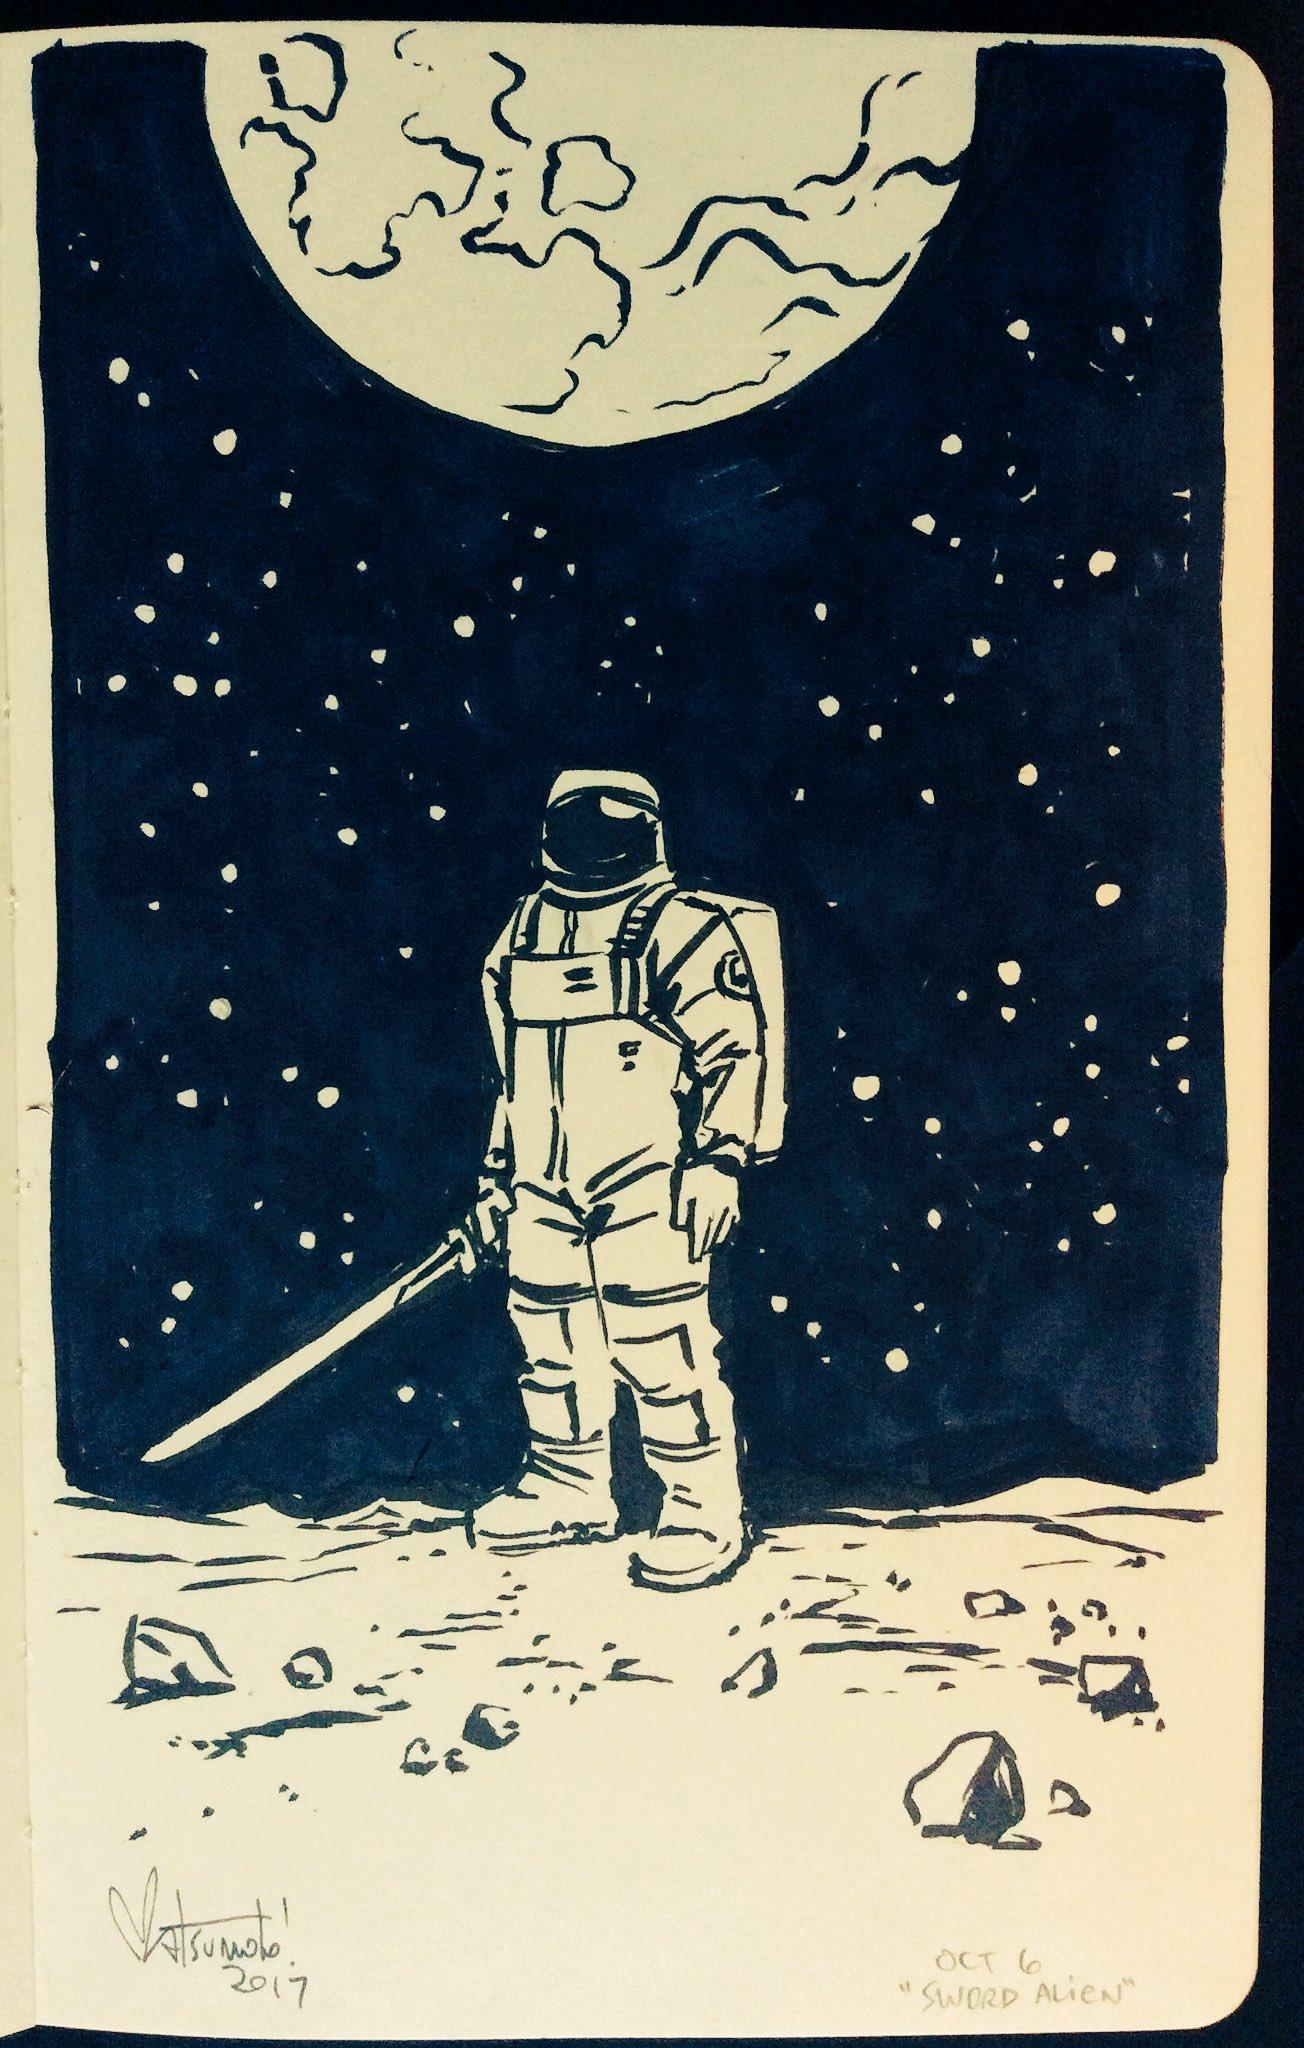 #Inktober day 6: 'sword alien' https://t.co/DI1cQtaq2L